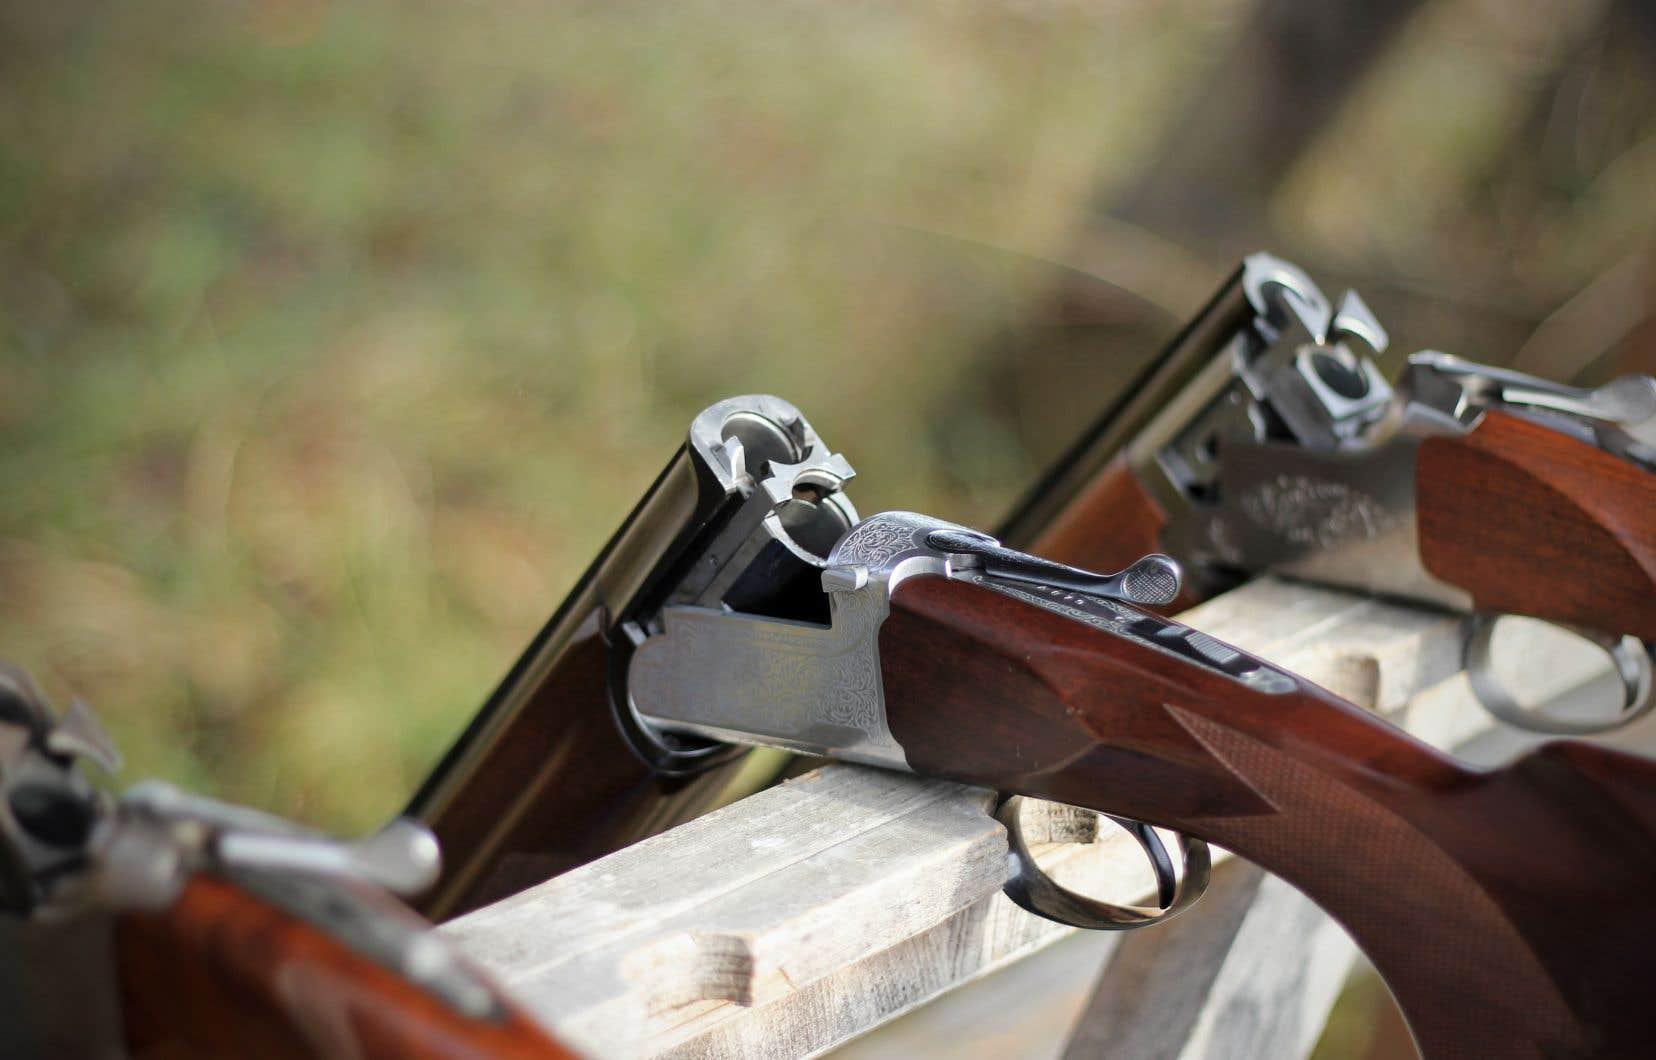 En verrouillant, en entreposant et en enregistrant leurs armes, les propriétaires contribuent à la prévention du suicide.